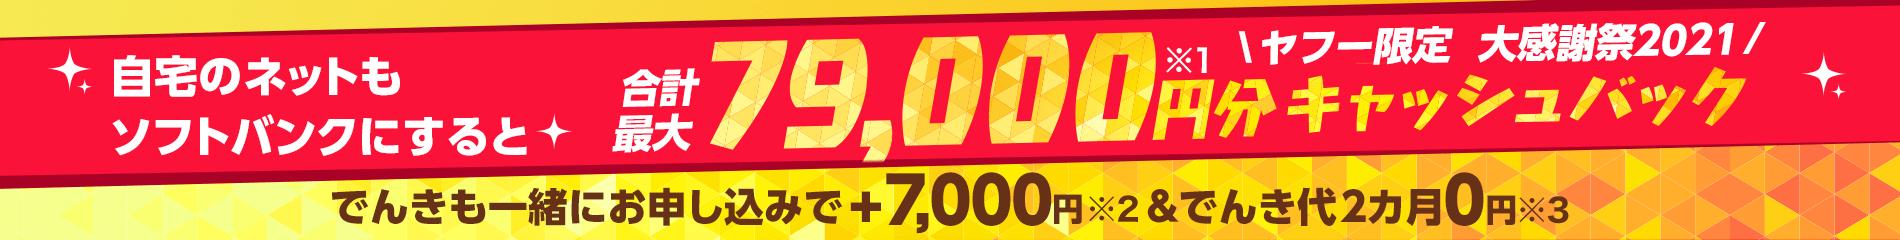 自宅のネットもソフトバンクにすると合計最大79,000円分(※1)キャッシュバック! ヤフー限定大感謝祭2021でんきも一緒に申し込みで、プラス7,000円(※2)&でんき代2カ月0円(※3)